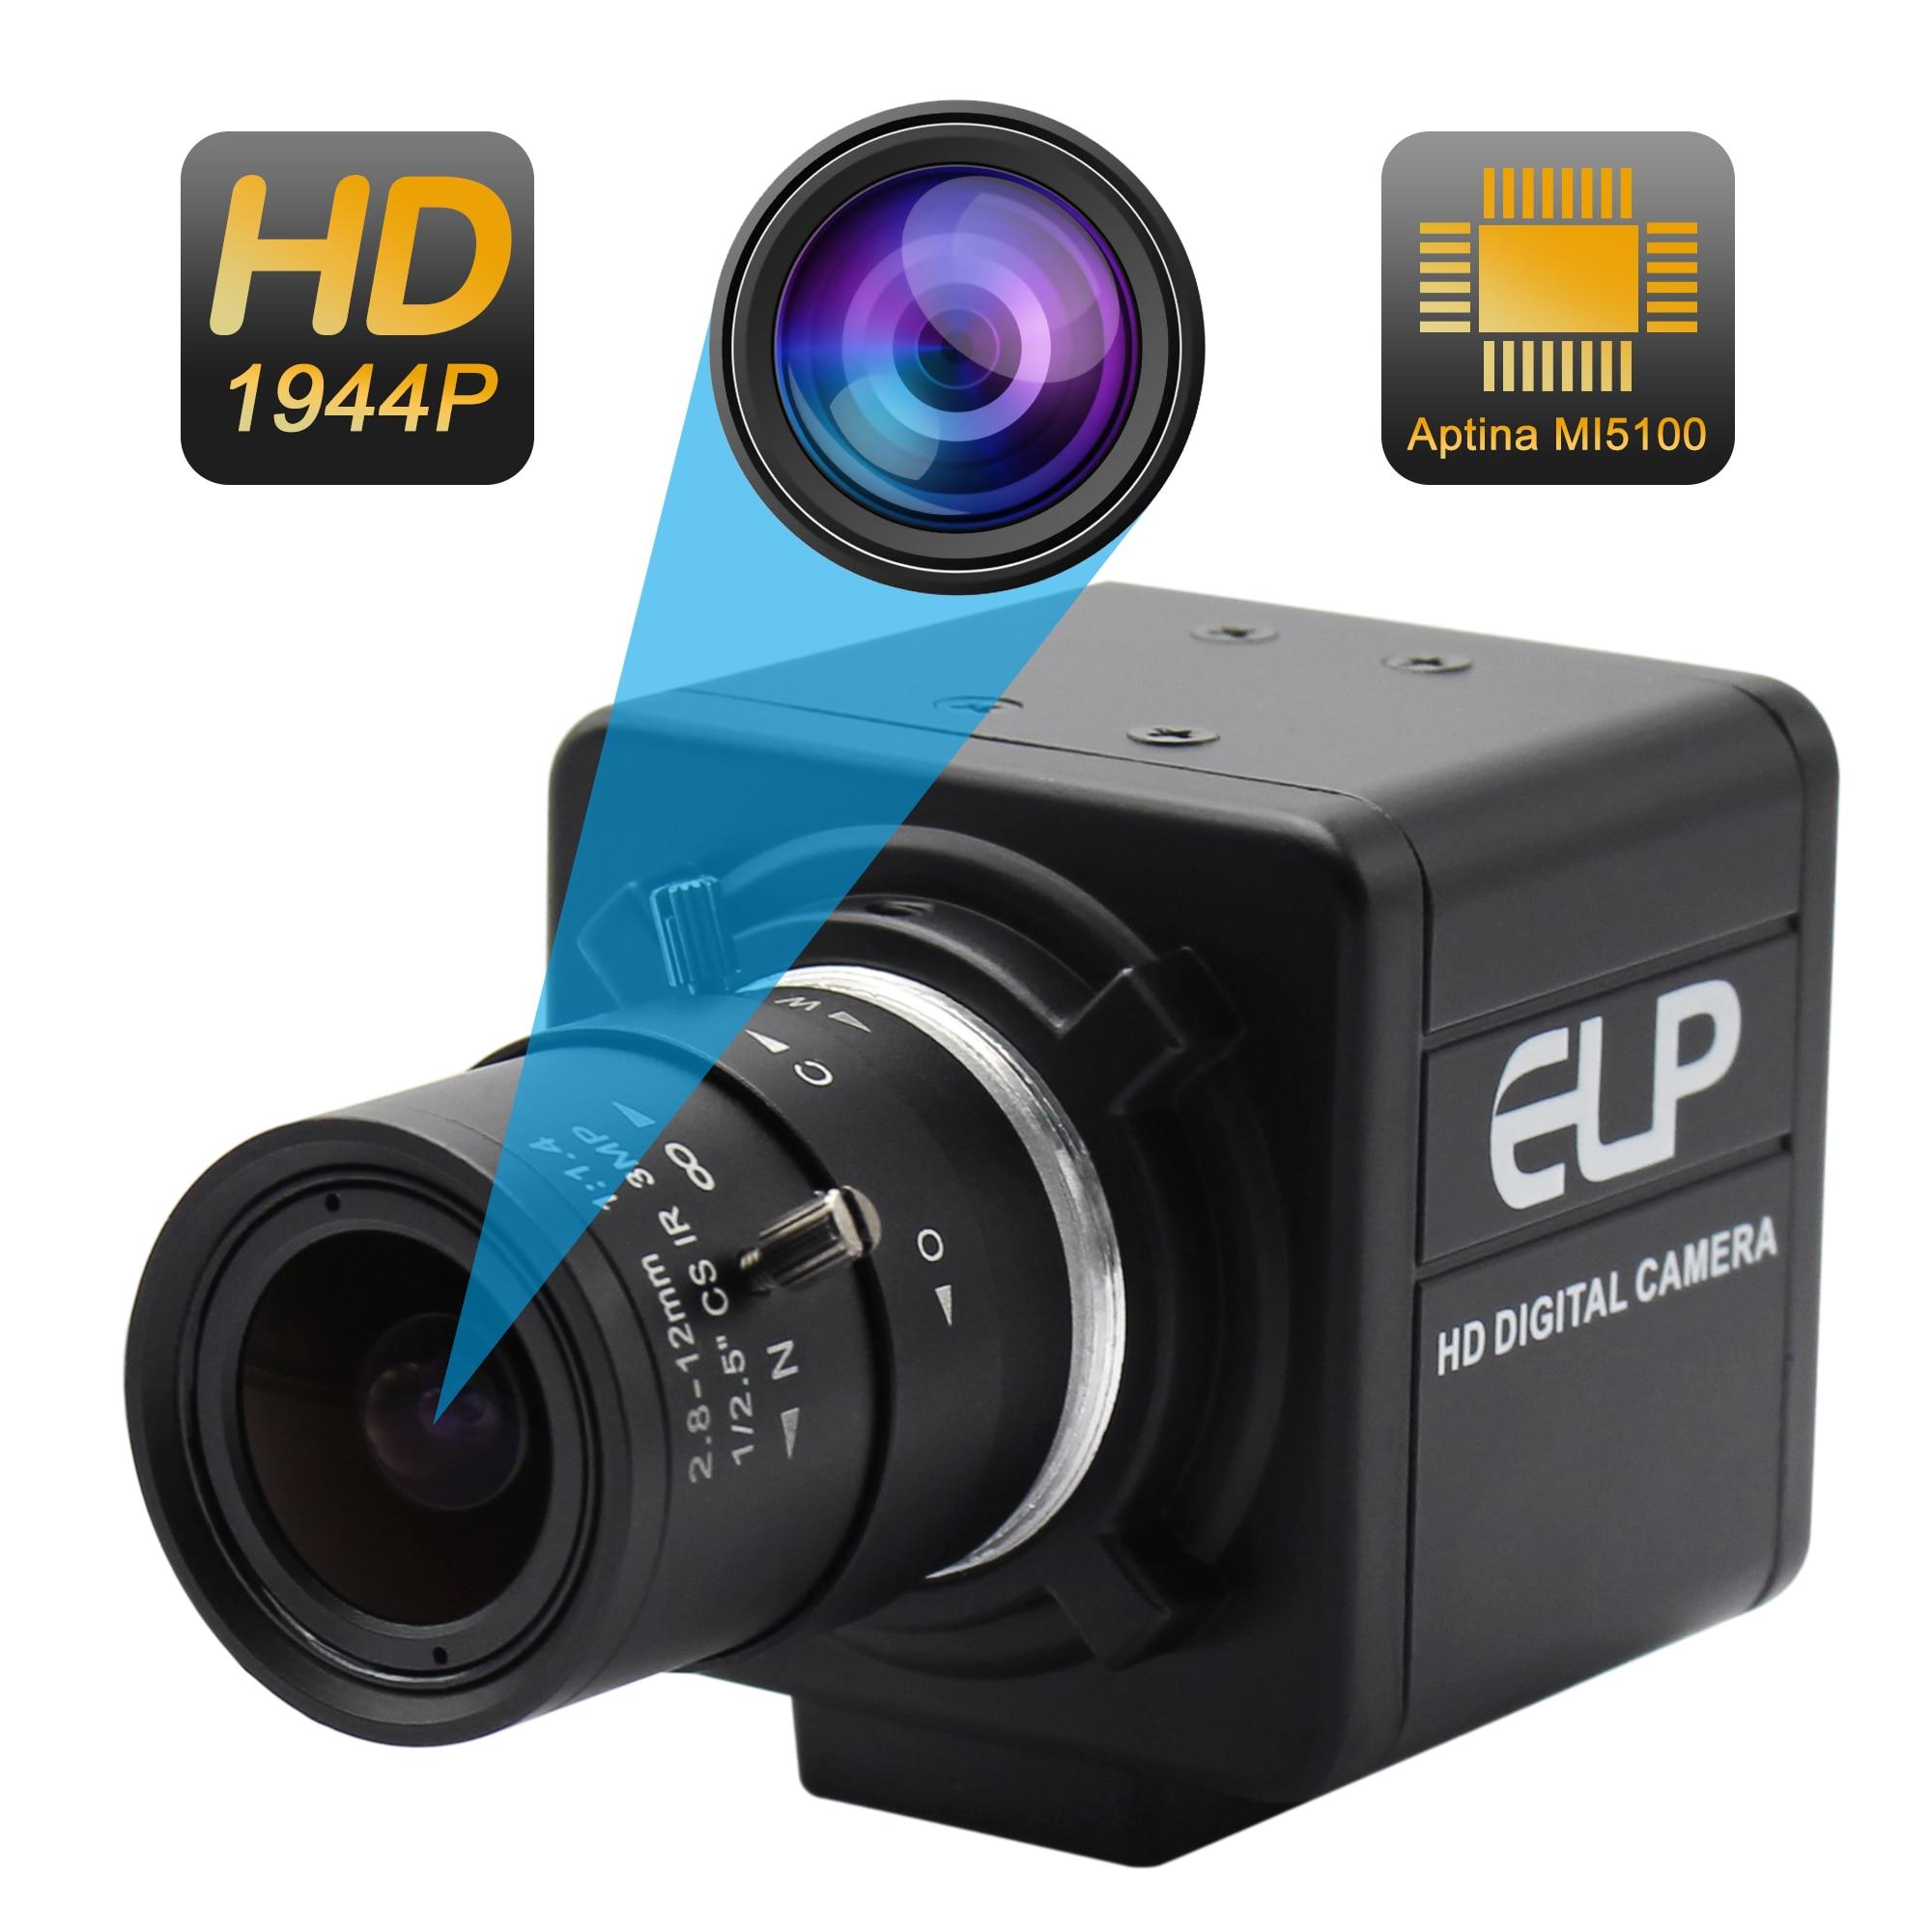 5 megapikseli 2592x1944 kamera USB 2.8 12mm soczewka wieloogniskowa Aptina MI5100 CMOS Windows USB kamera wideo z 3m kabel usb w Kamerki od Komputer i biuro na AliExpress - 11.11_Double 11Singles' Day 1